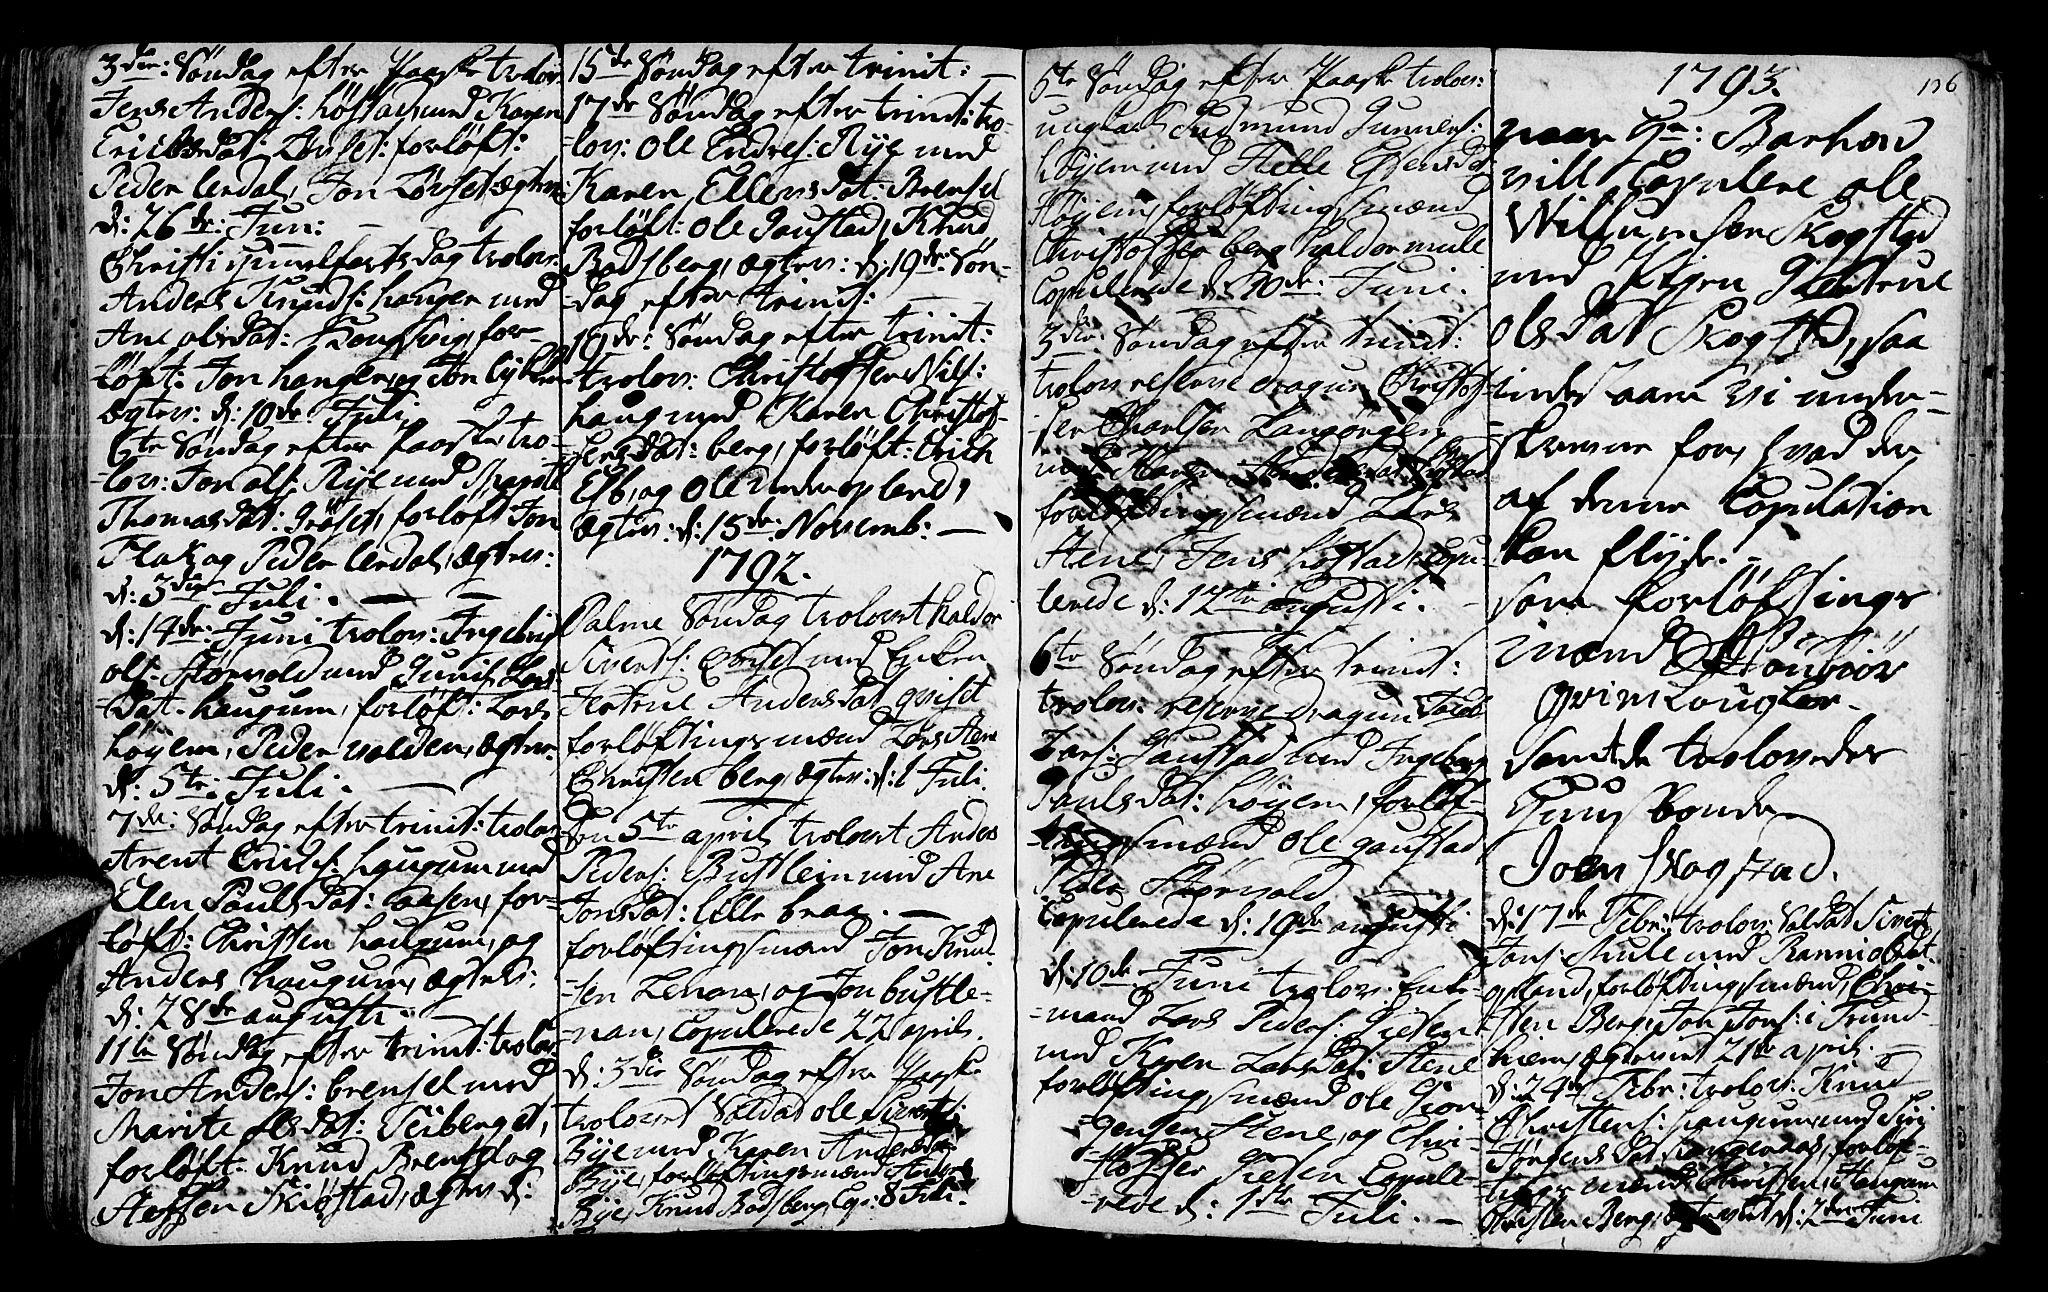 SAT, Ministerialprotokoller, klokkerbøker og fødselsregistre - Sør-Trøndelag, 612/L0370: Ministerialbok nr. 612A04, 1754-1802, s. 136